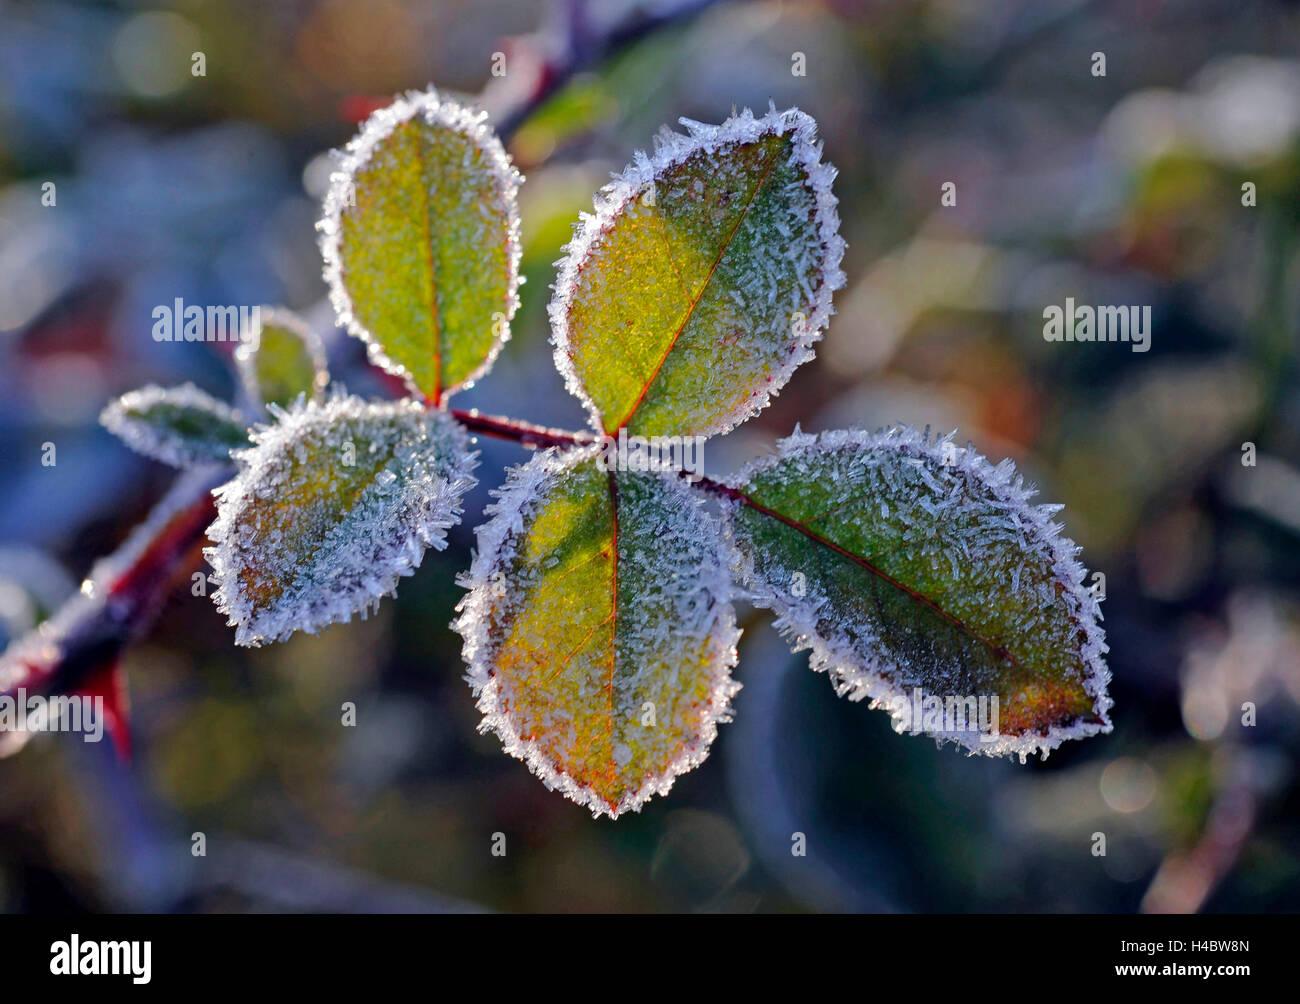 Feuillage Rose du rosier grimpant sympathie roses dans le jardin, l'arrivée de l'hiver, le givre Photo Stock